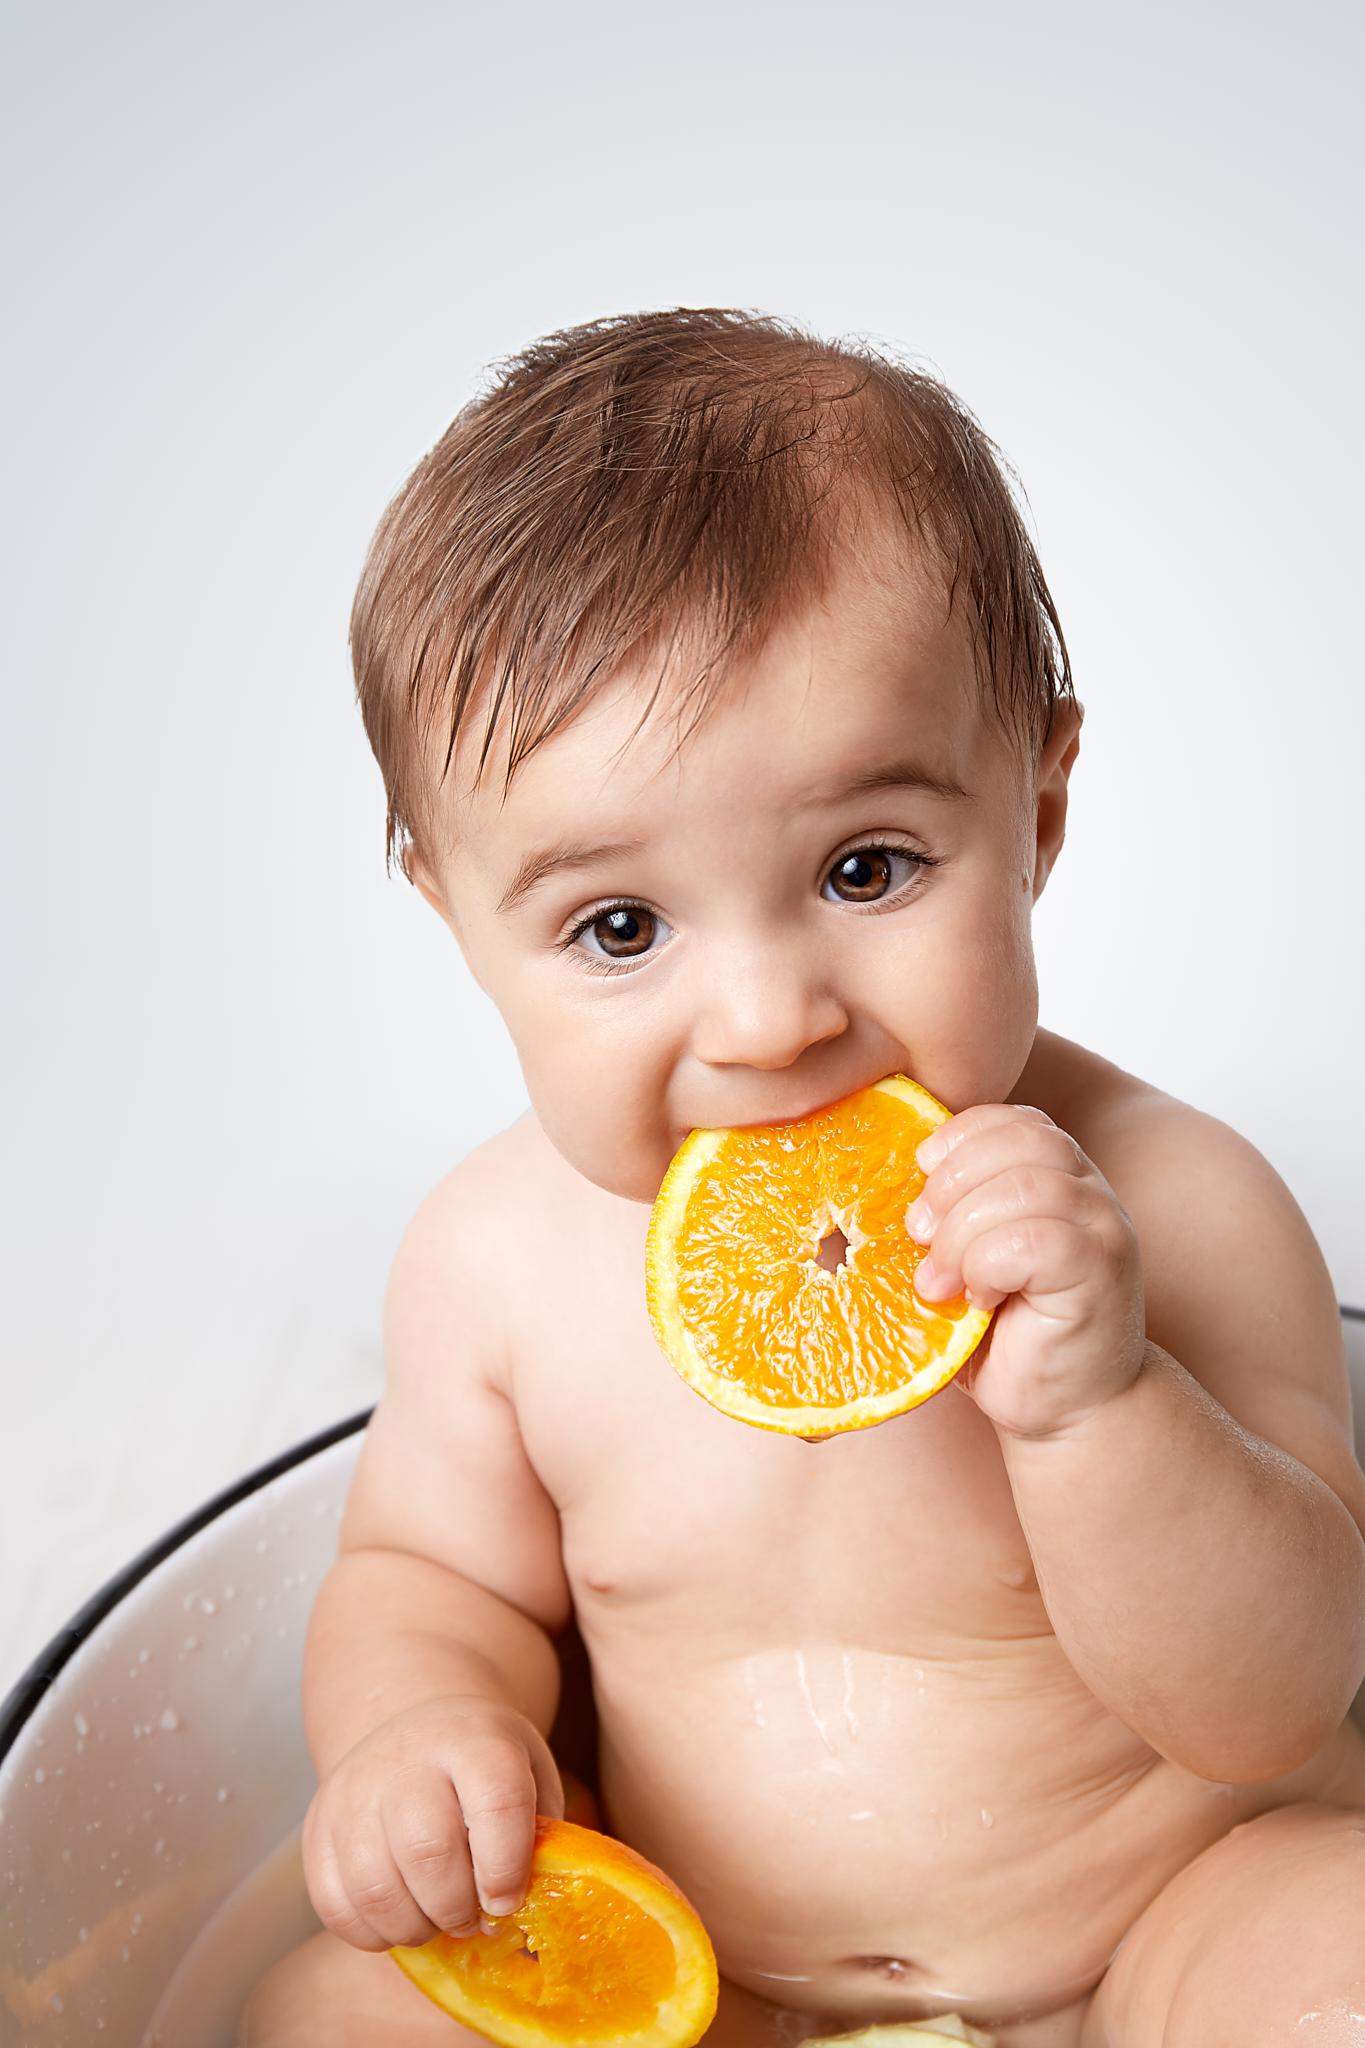 Copie de photo bébé 8 mois